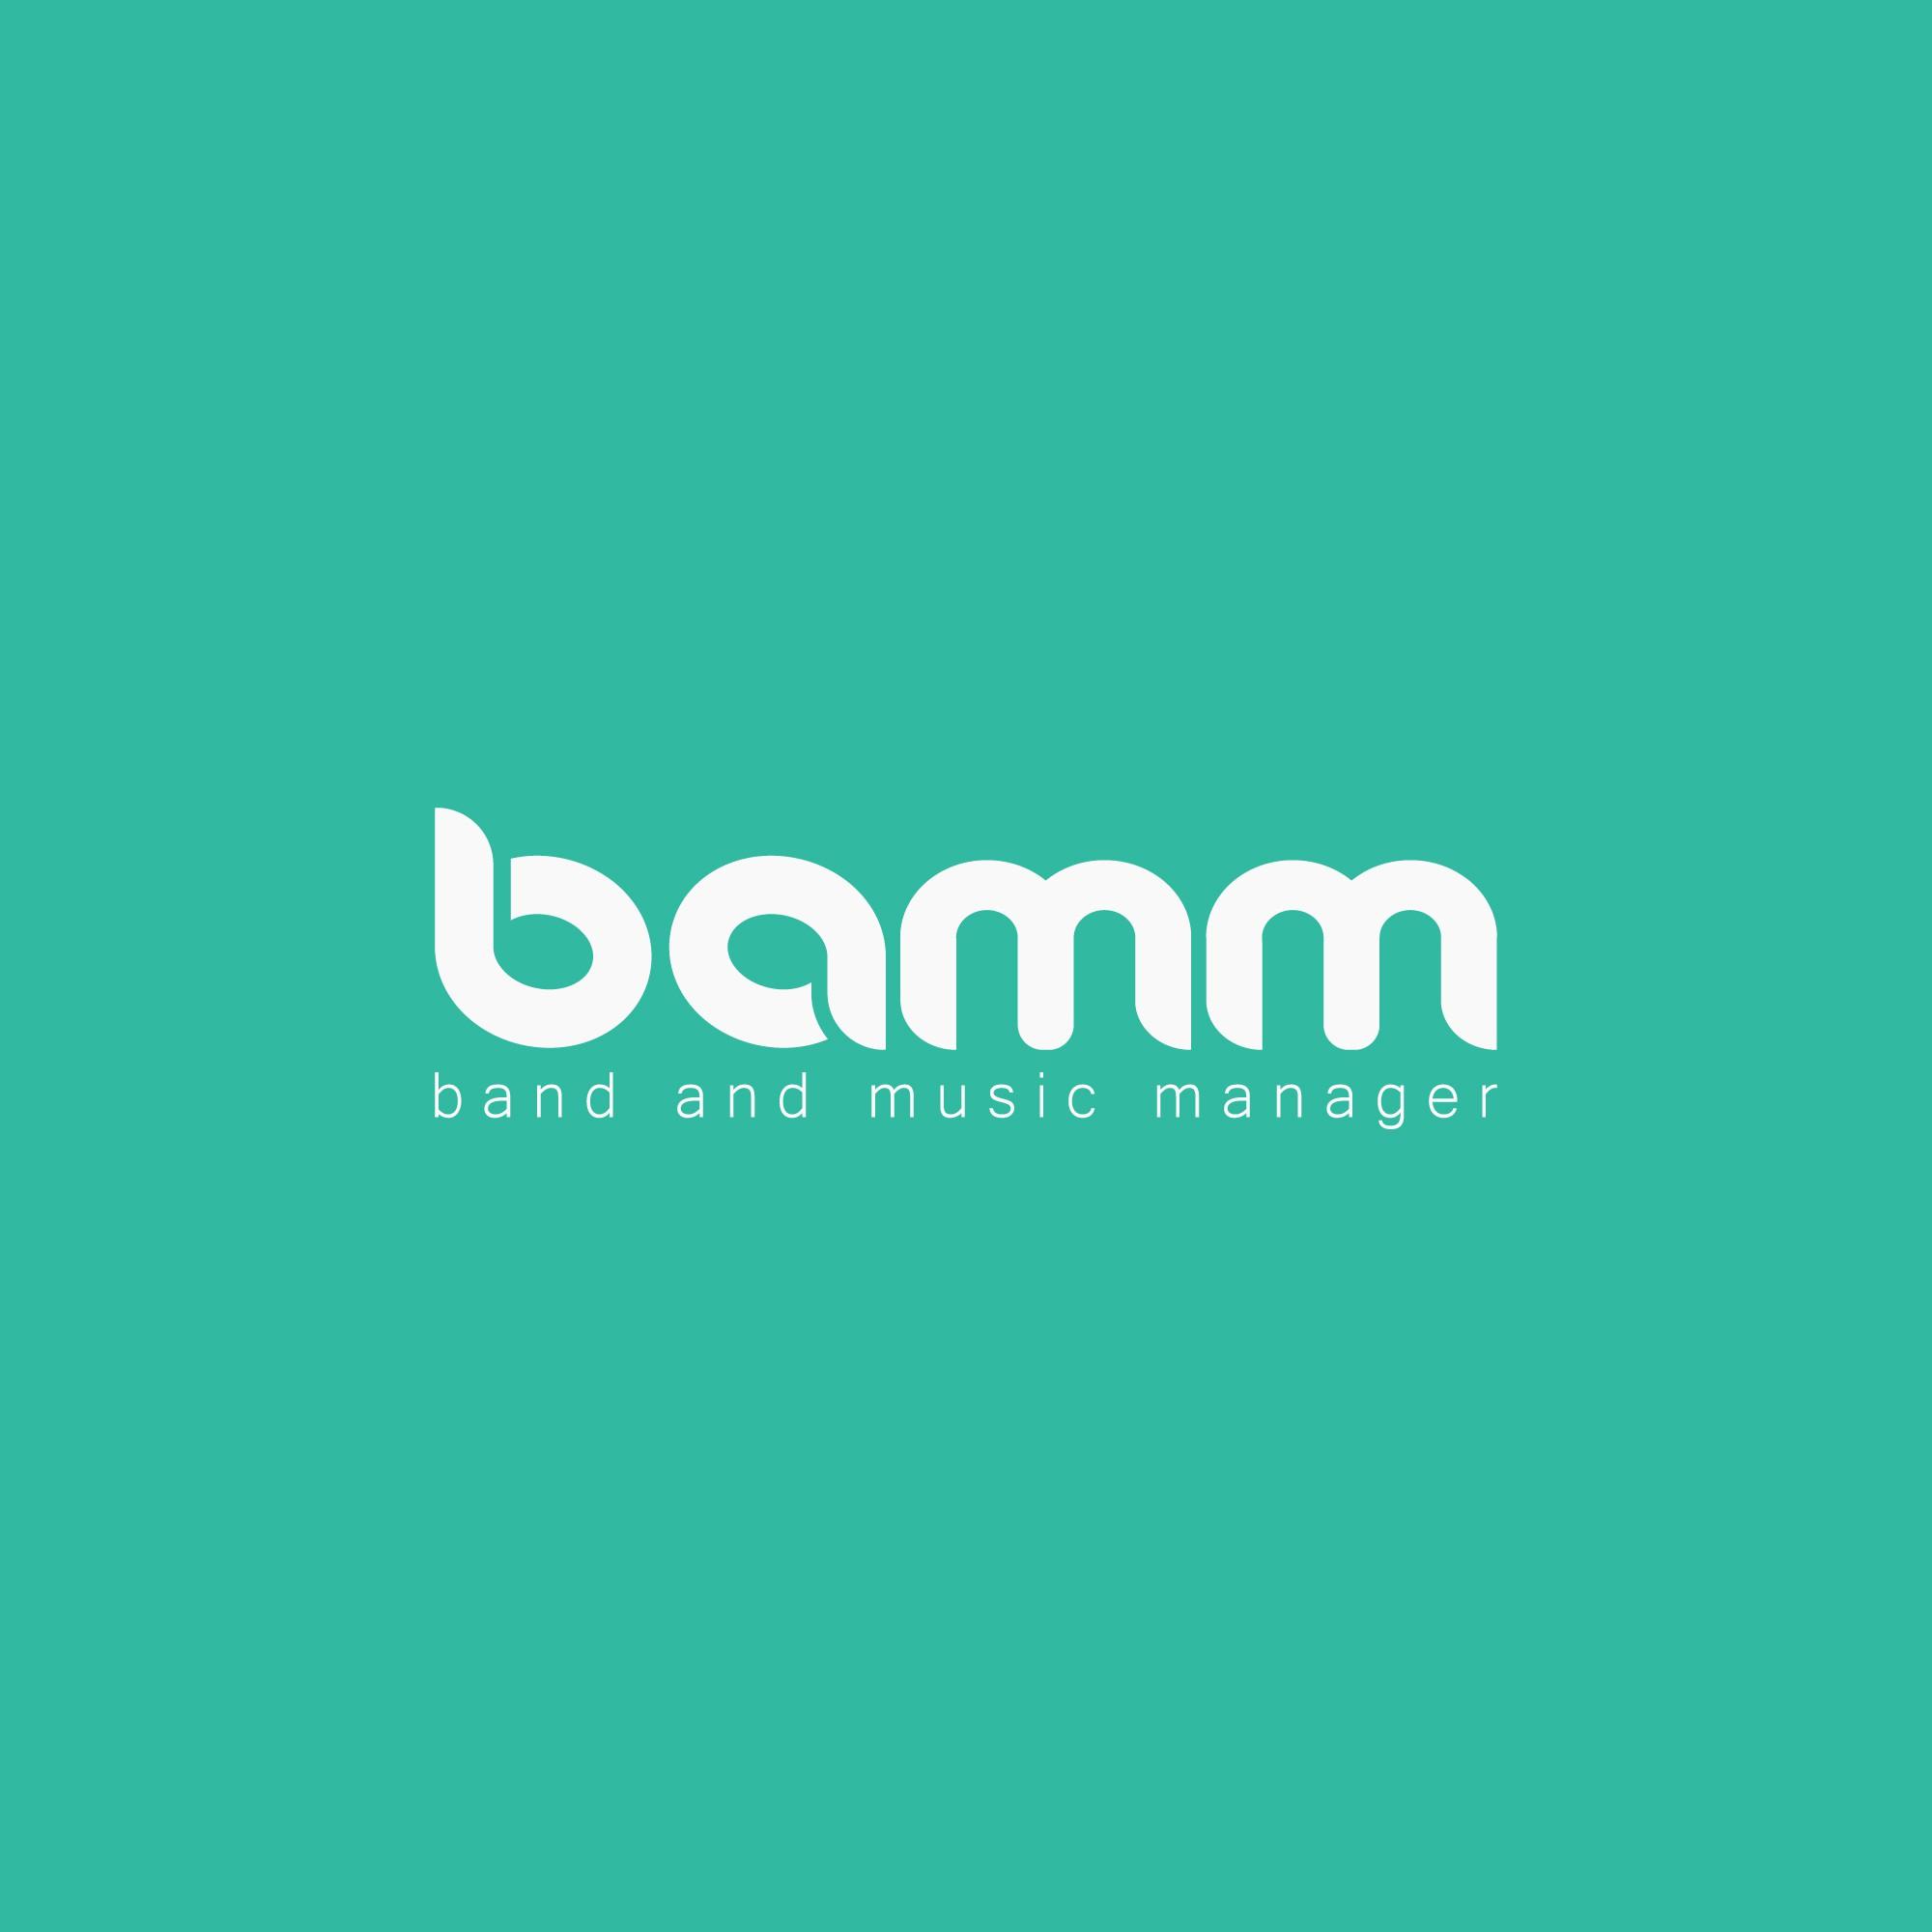 Logo for managing app for musicians